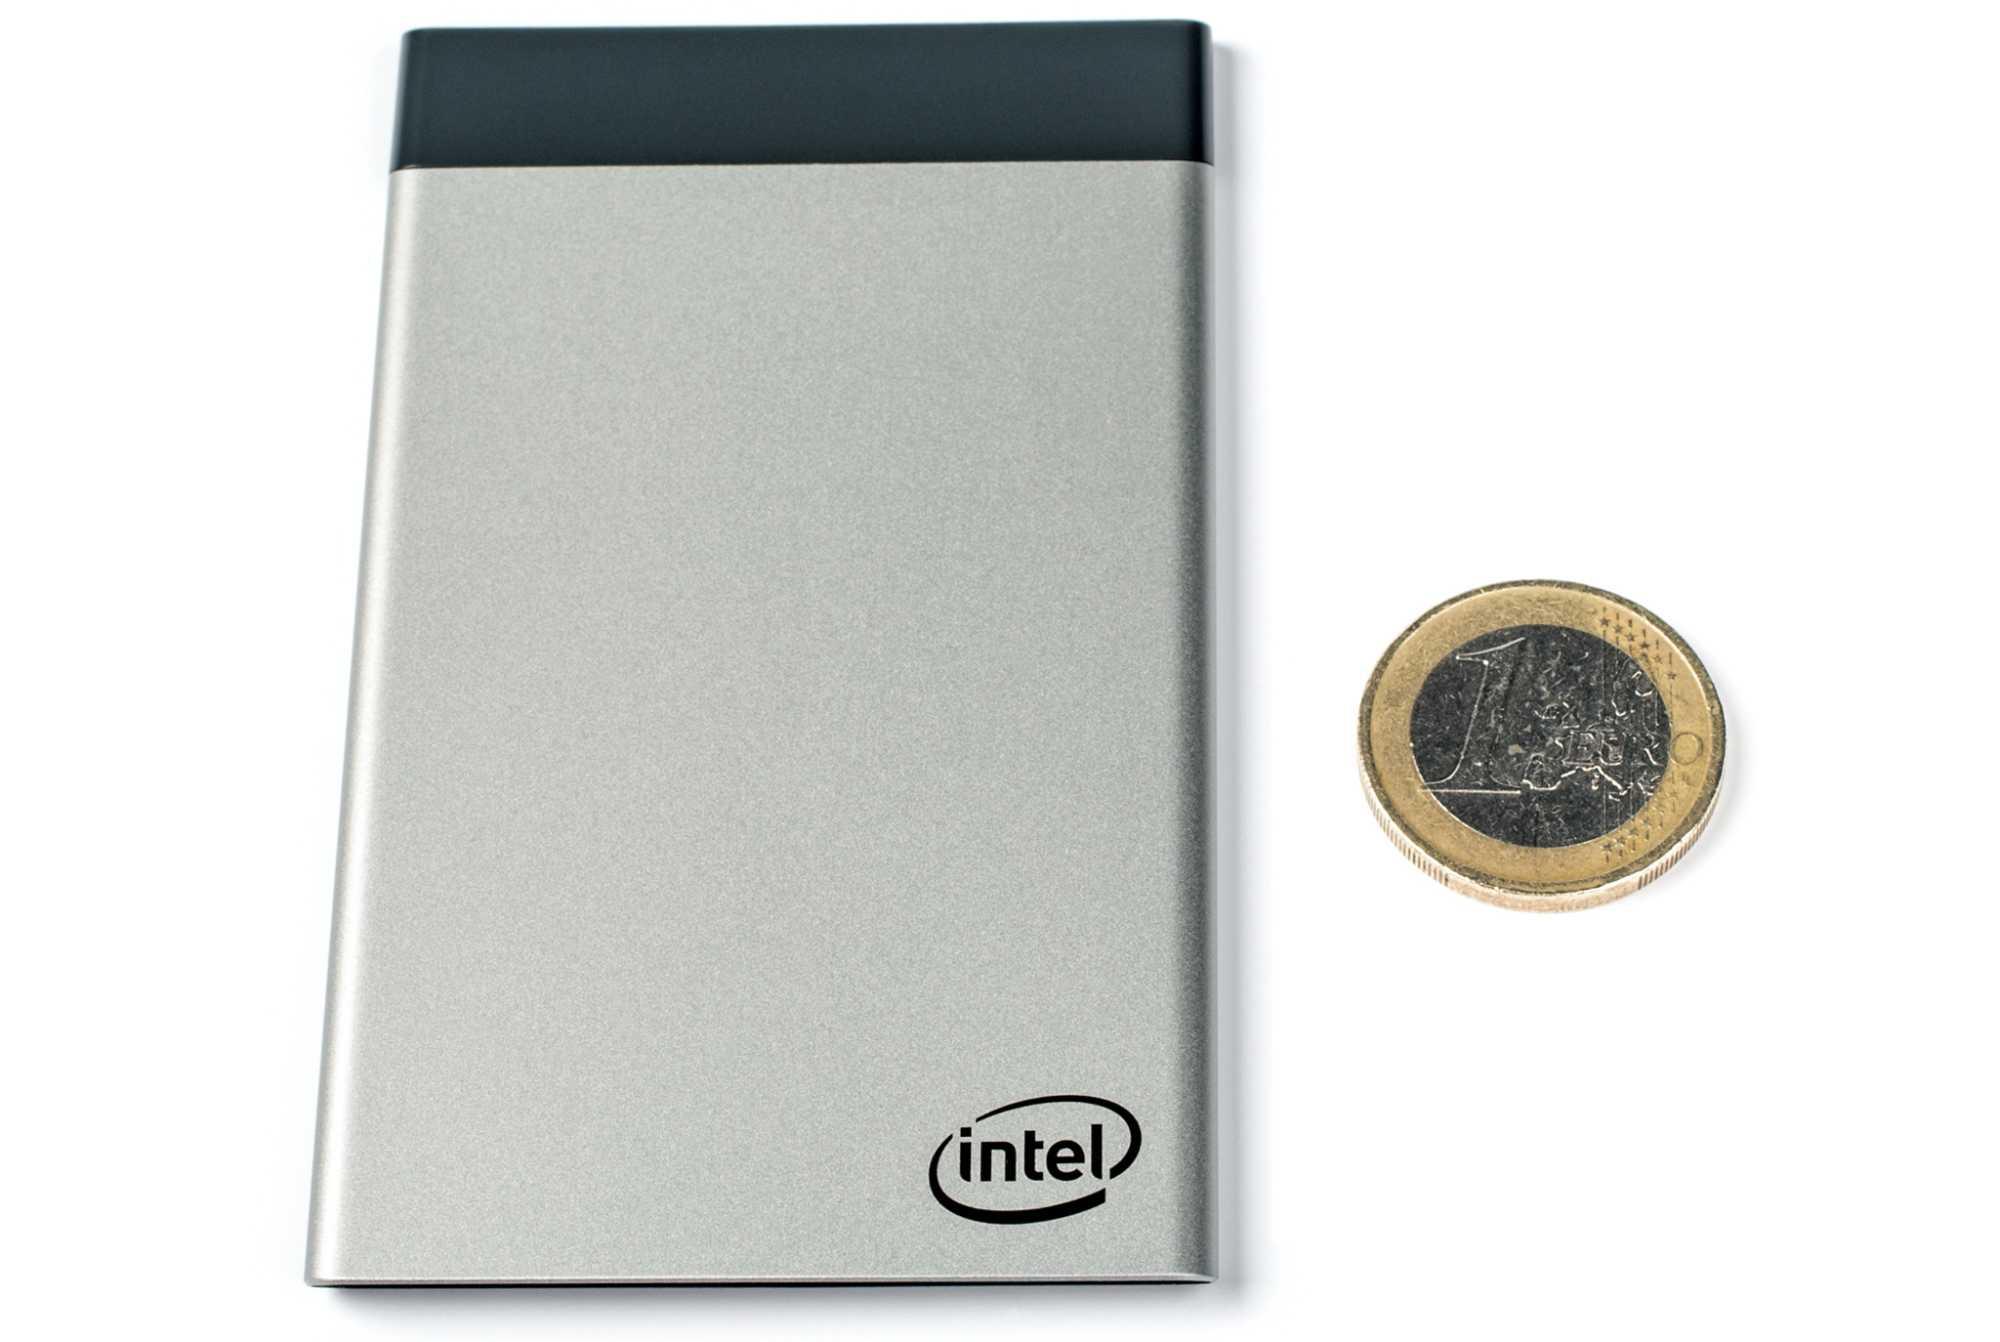 Intel Compute Card mit Core m3-7Y30